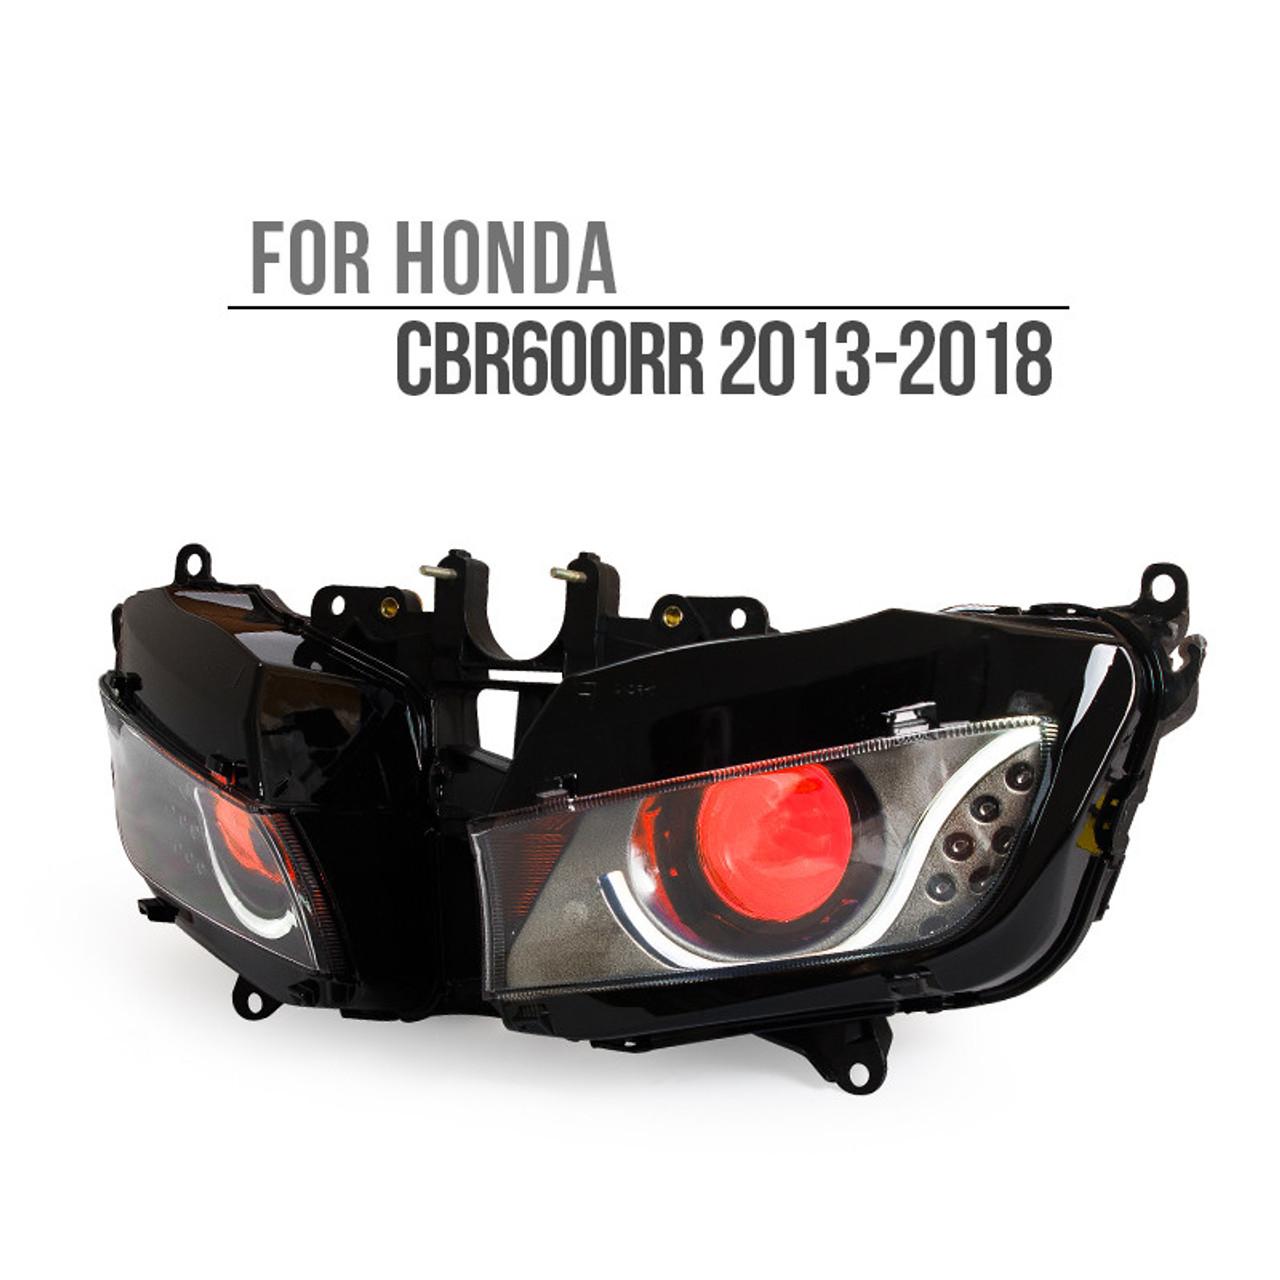 medium resolution of 2013 2014 2015 2016 2017 2018 honda cbr600rr headlight